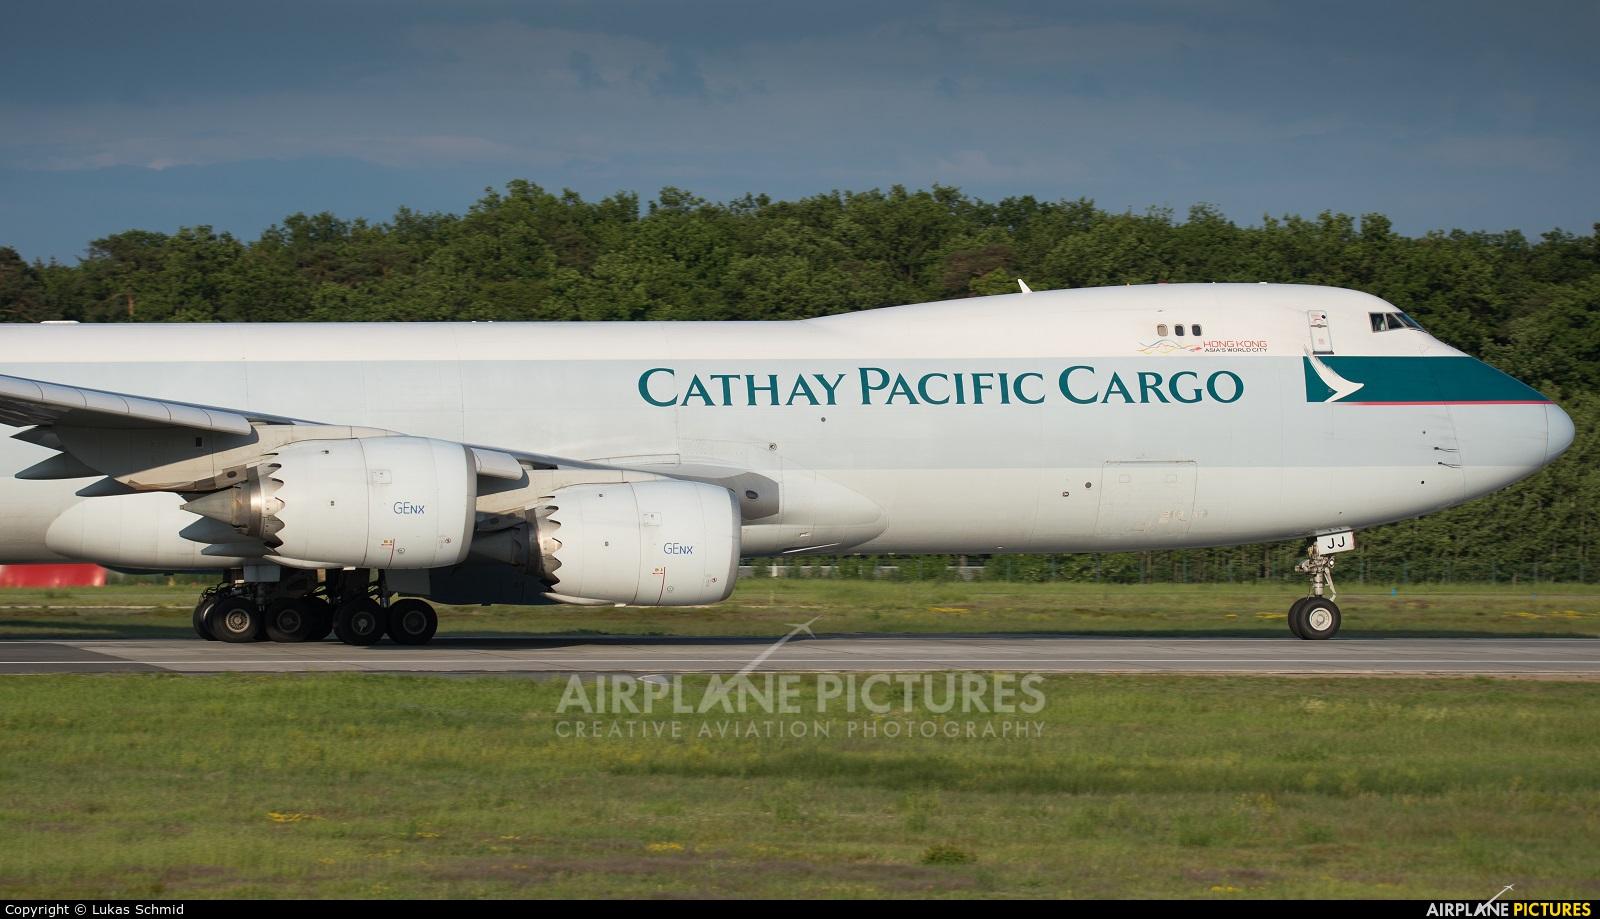 Cathay Pacific Cargo B-LJJ aircraft at Frankfurt